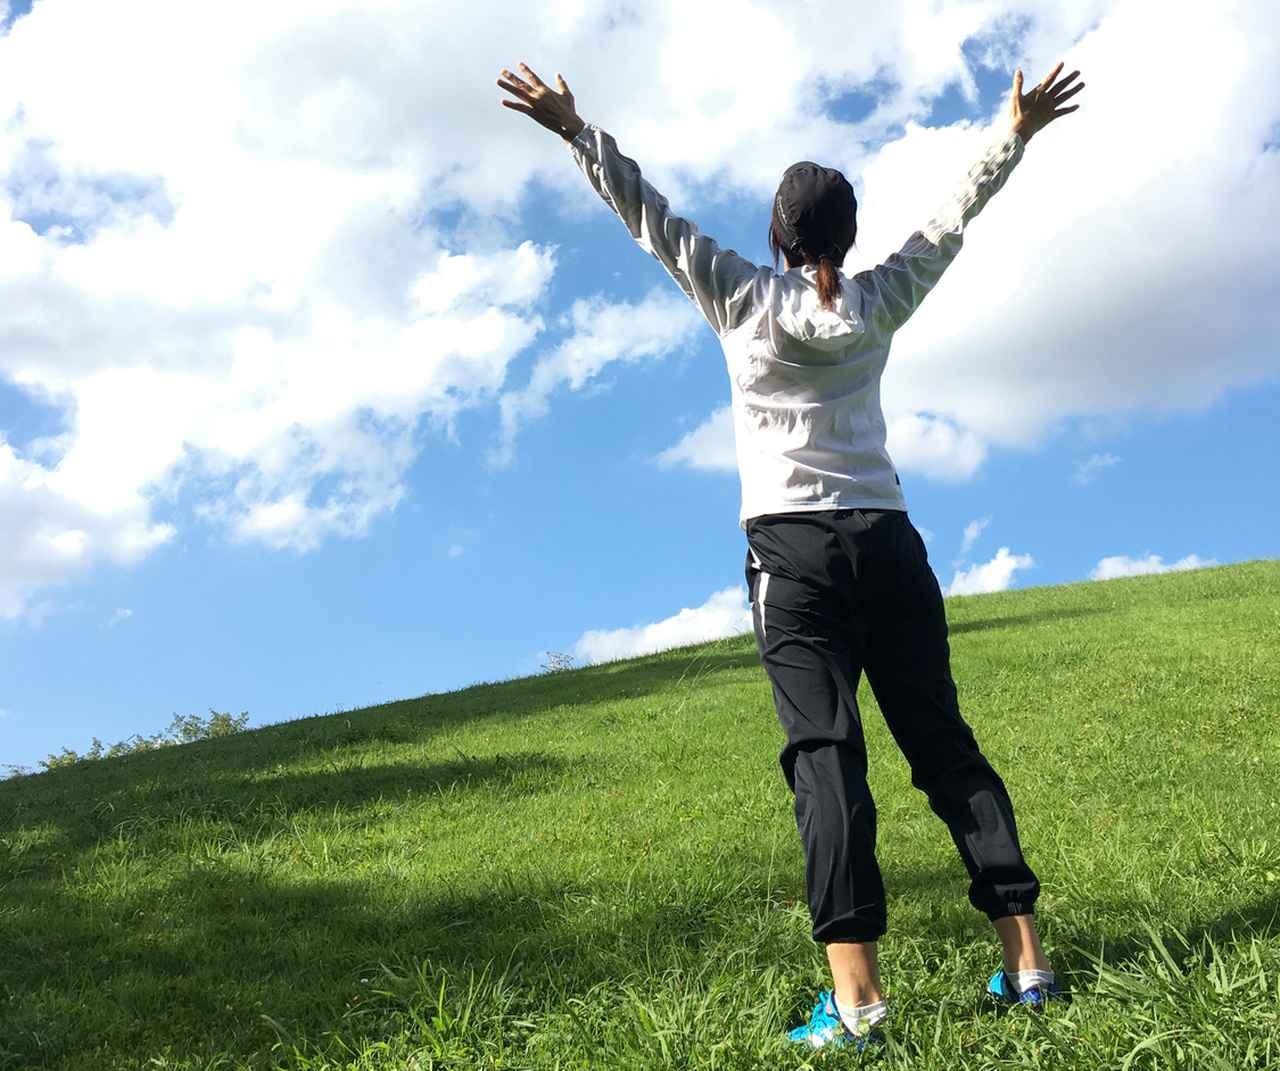 画像: 外出自粛による運動不足を解消!「ウォーキング」は誰でも気軽に始められる身近な健康法